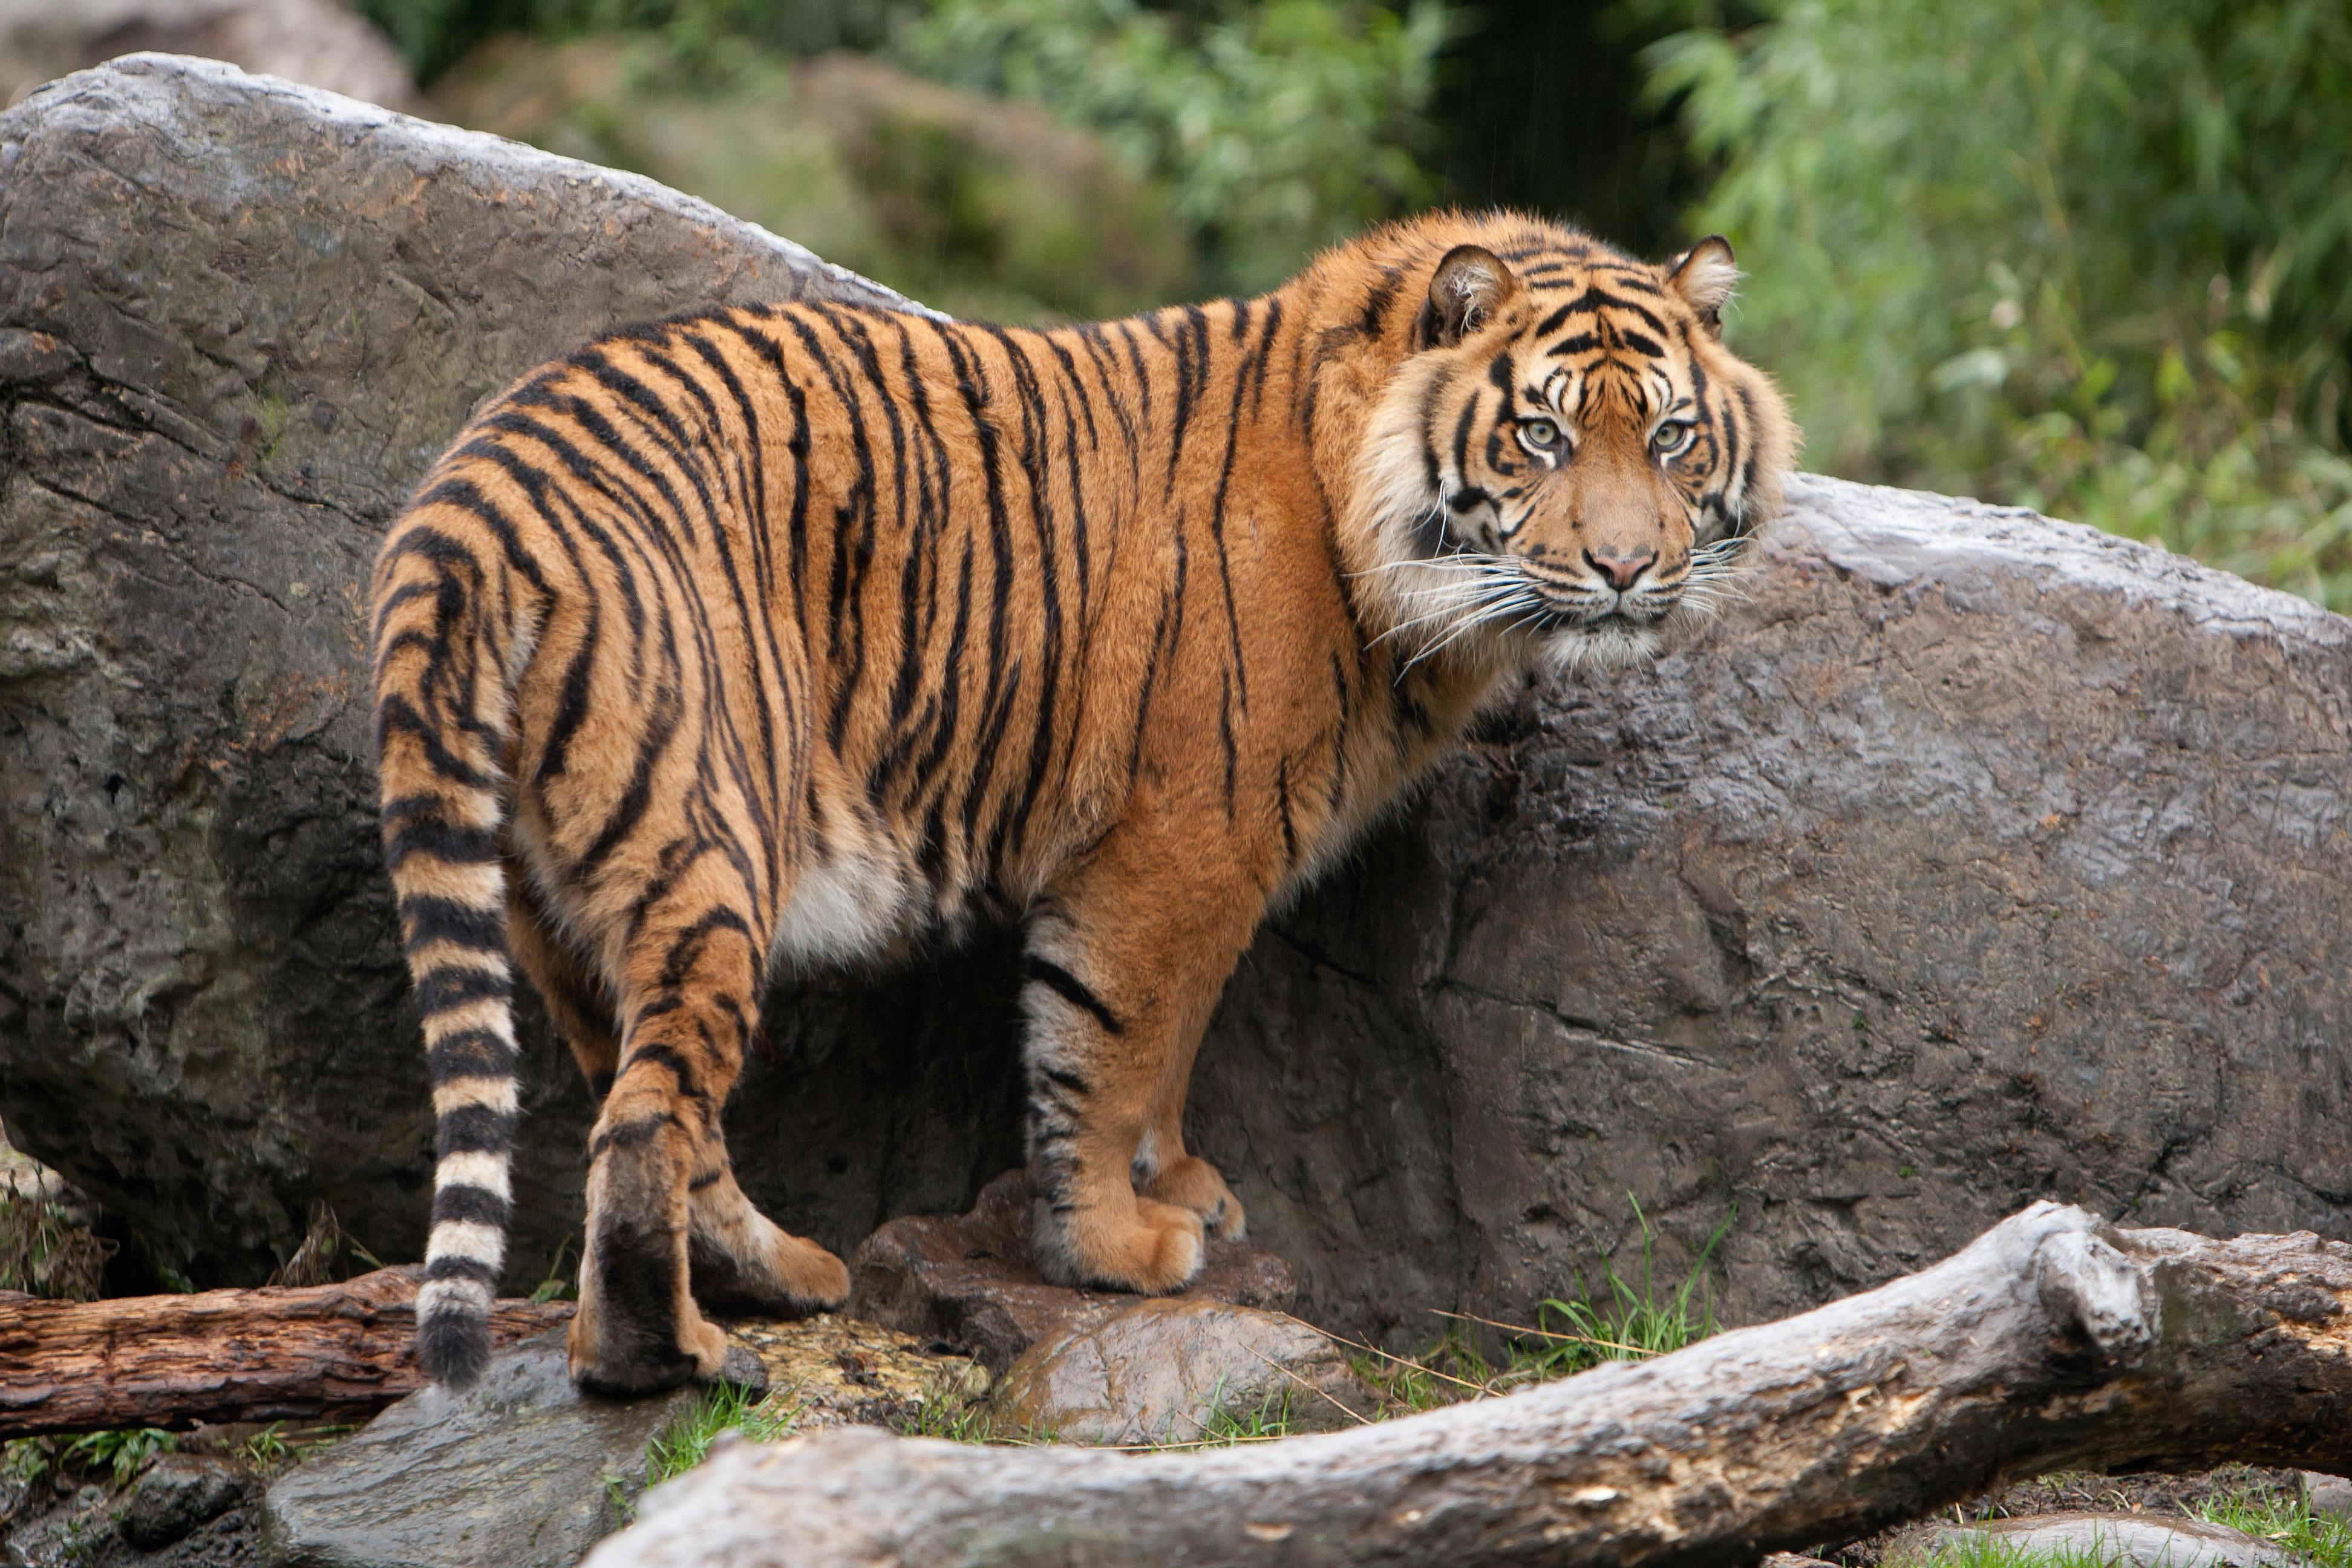 87949 скачать обои Животные, Тигр, Прогулка, Камни, Листья, Трава - заставки и картинки бесплатно